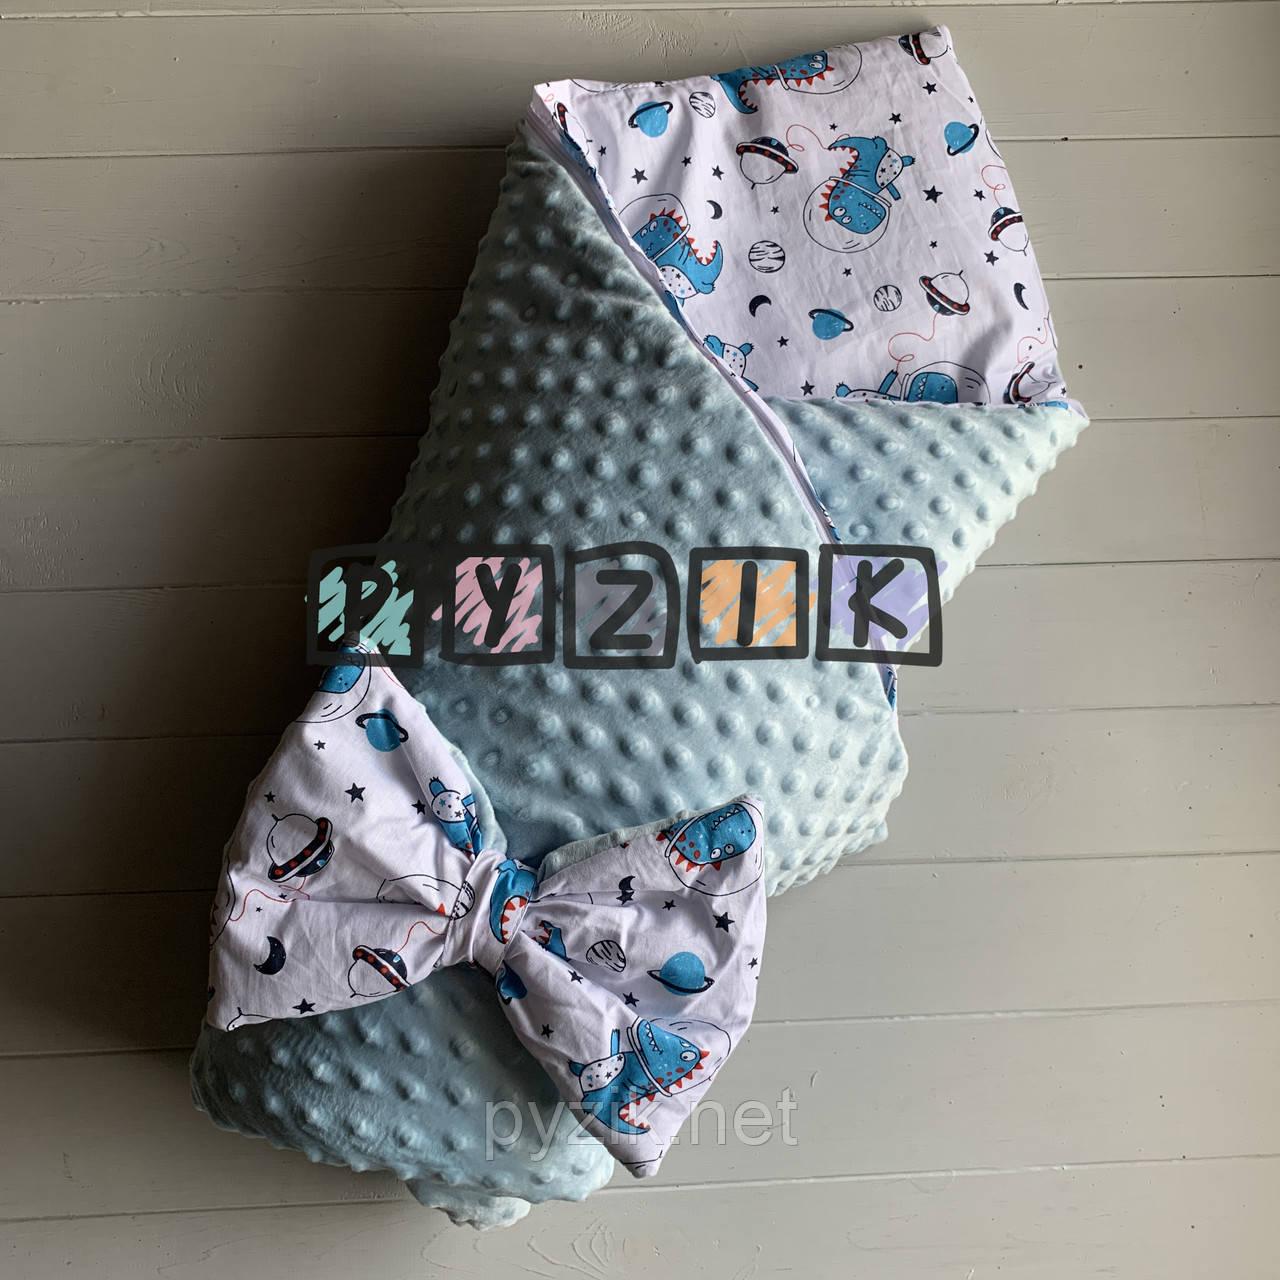 Конверт-одеяло минки на синтепоне голубой Динозавры